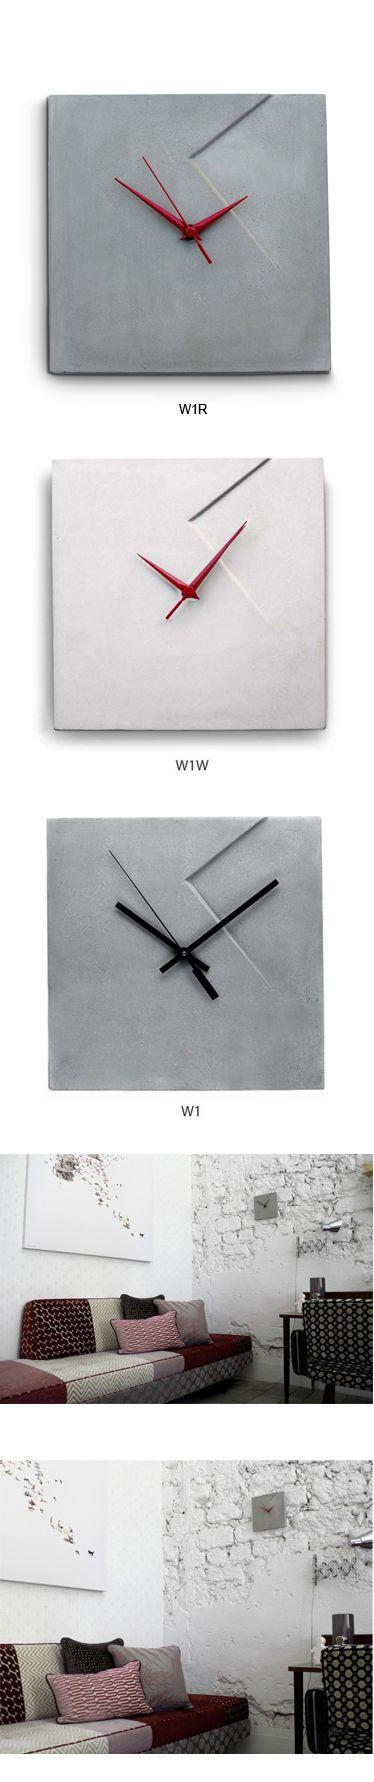 Imprint Concrete Wall Clock (W1, W1W)